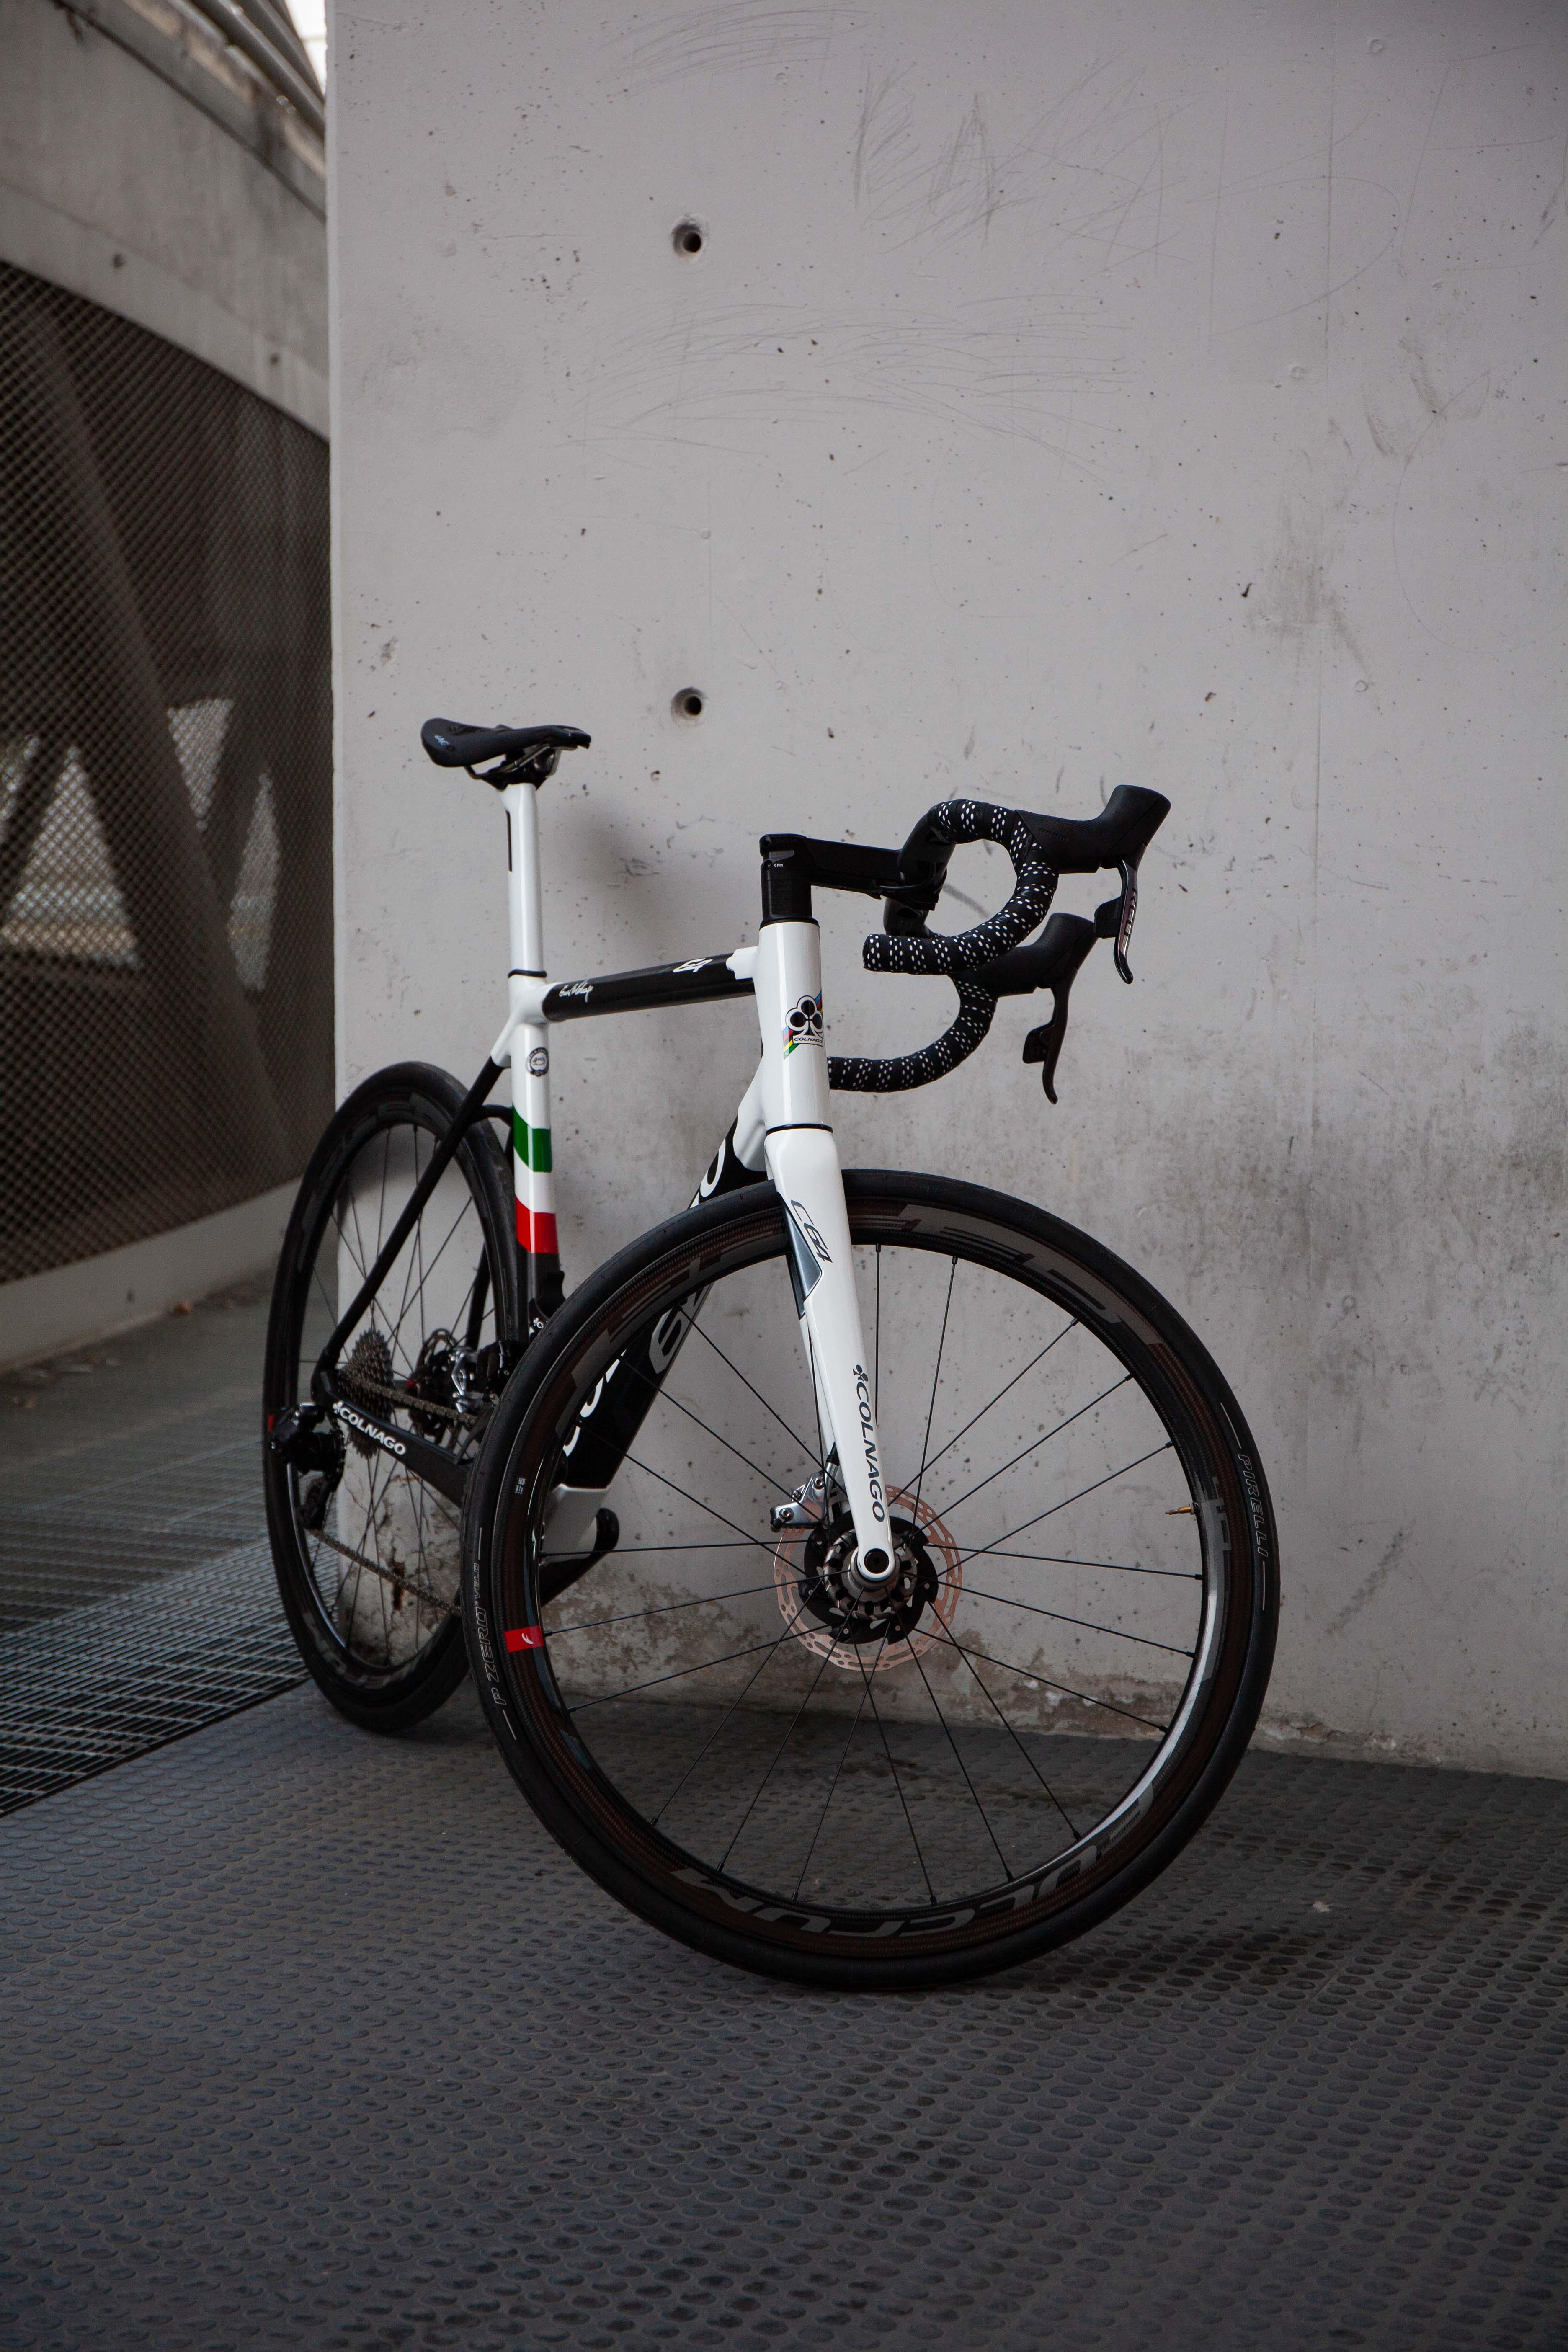 Cicli Corsa Colnago C64 54s PJWI-8